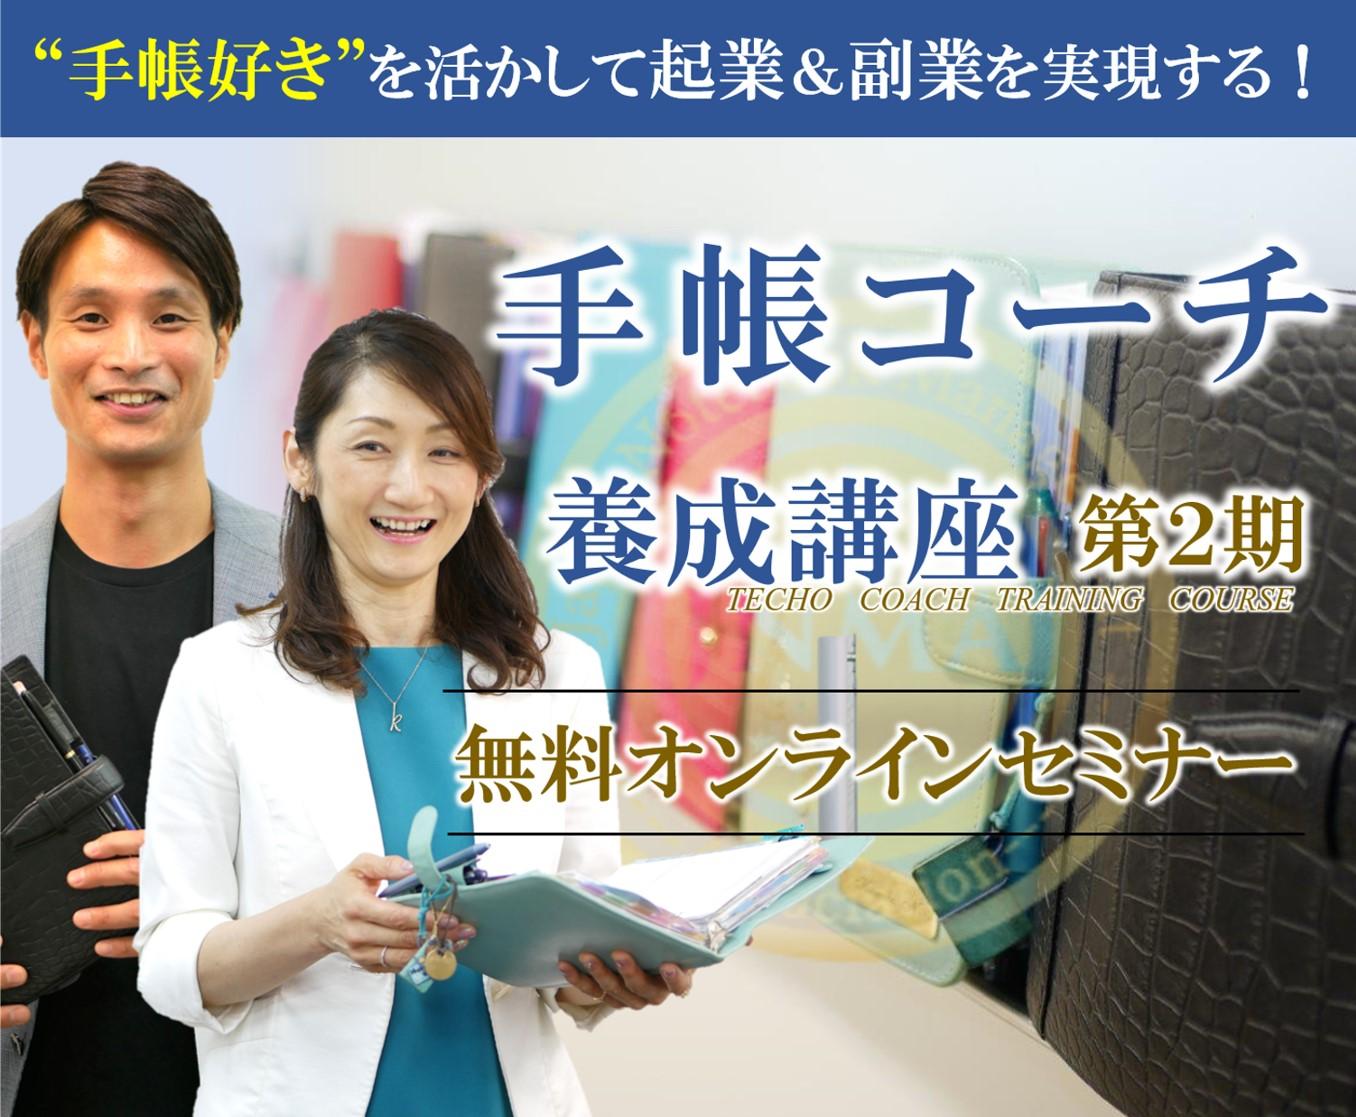 手帳コーチ養成講座(第2期)無料オンラインプログラム